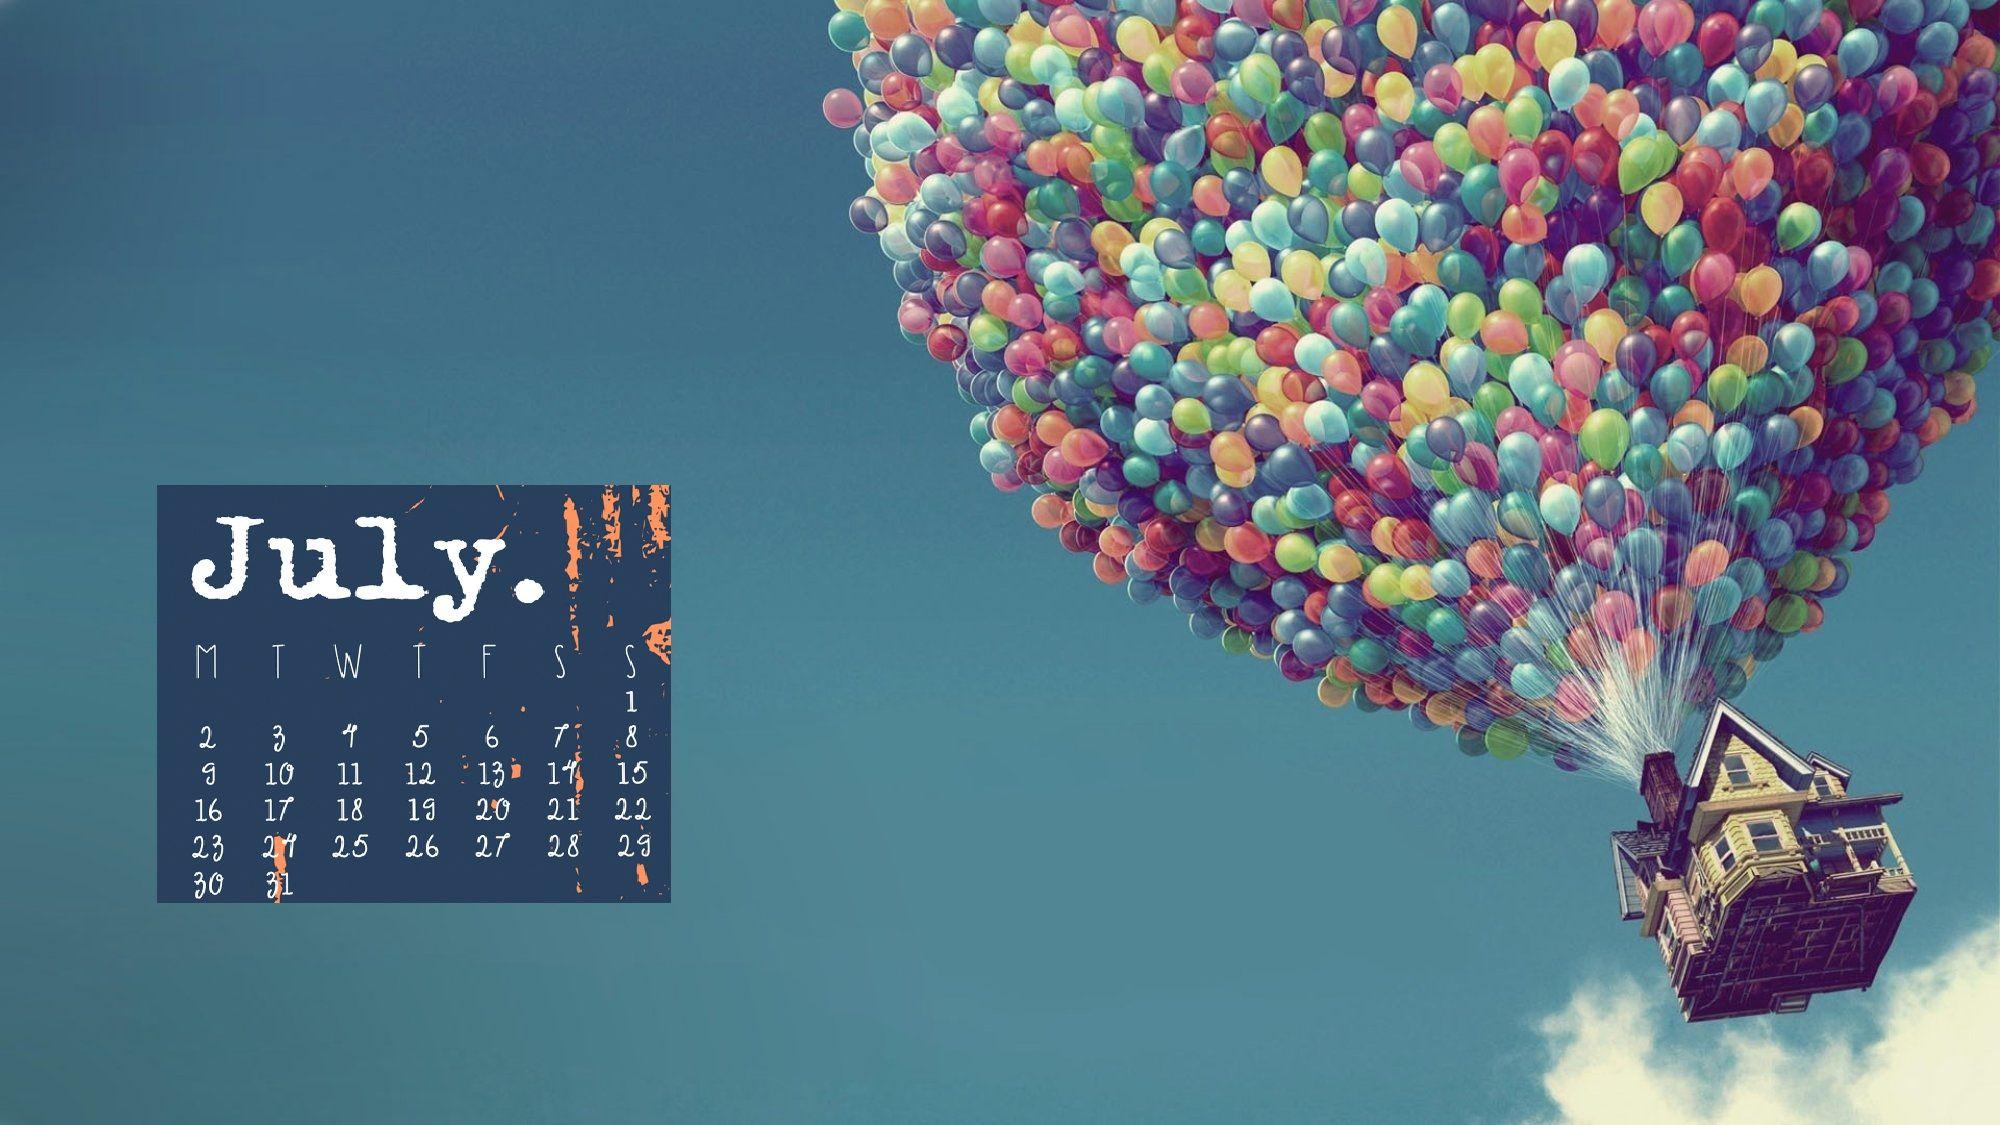 Free July 2018 calendar wallpaper Calendar wallpaper